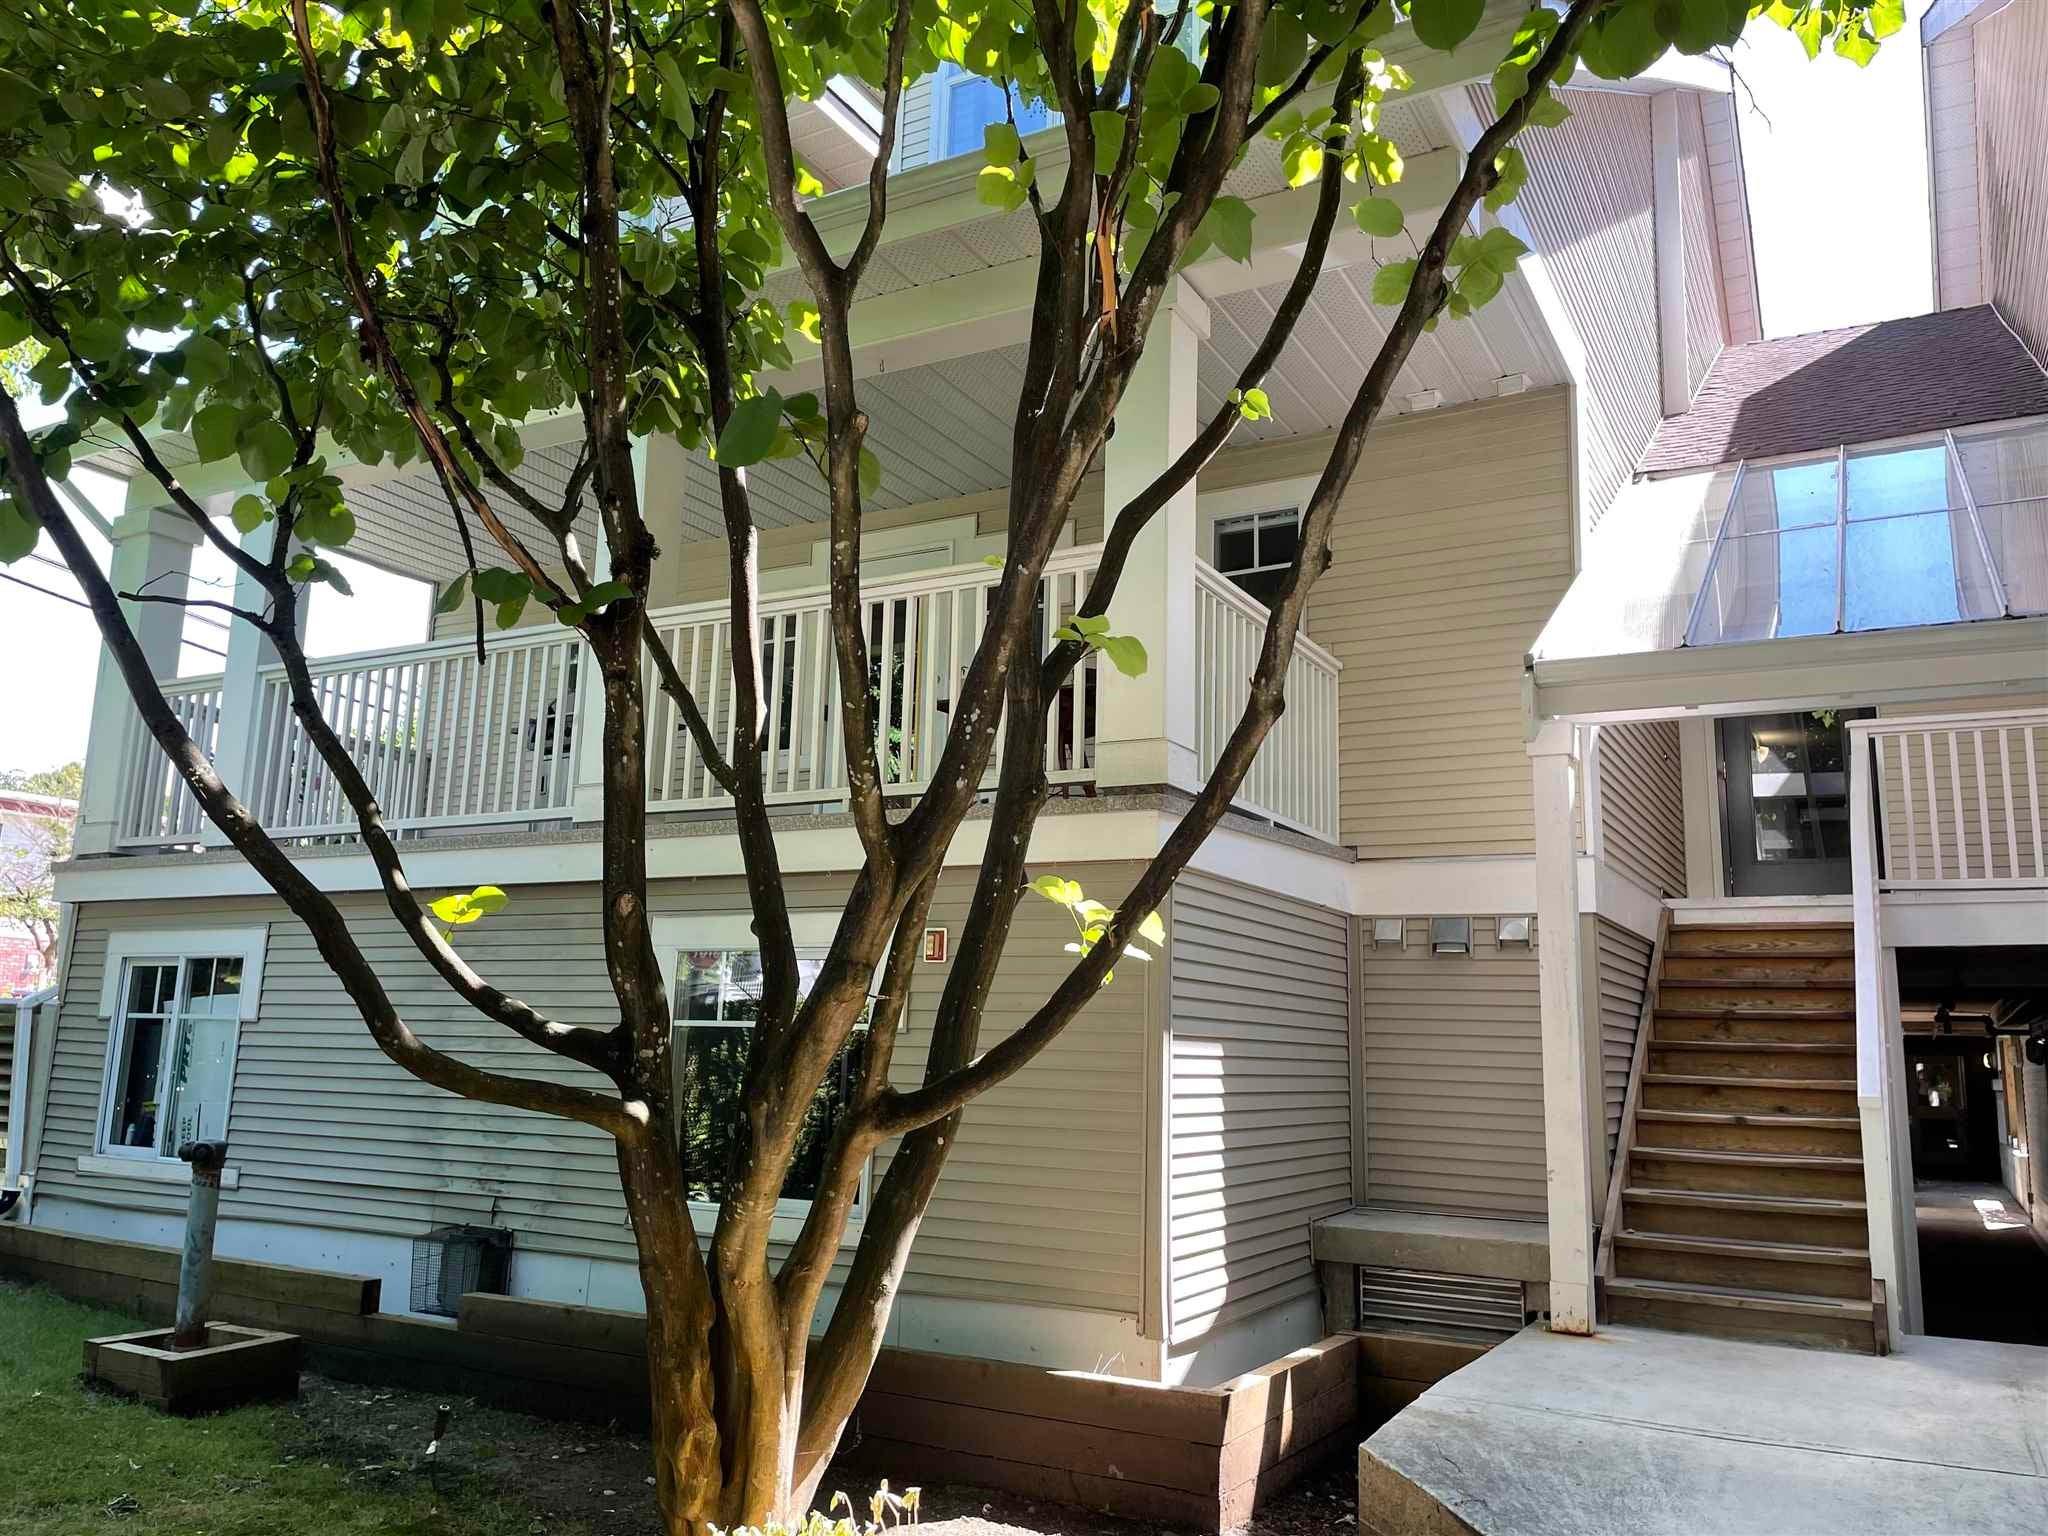 3 2498 E 8TH AVENUE - Renfrew VE Townhouse for sale, 3 Bedrooms (R2575110) - #1